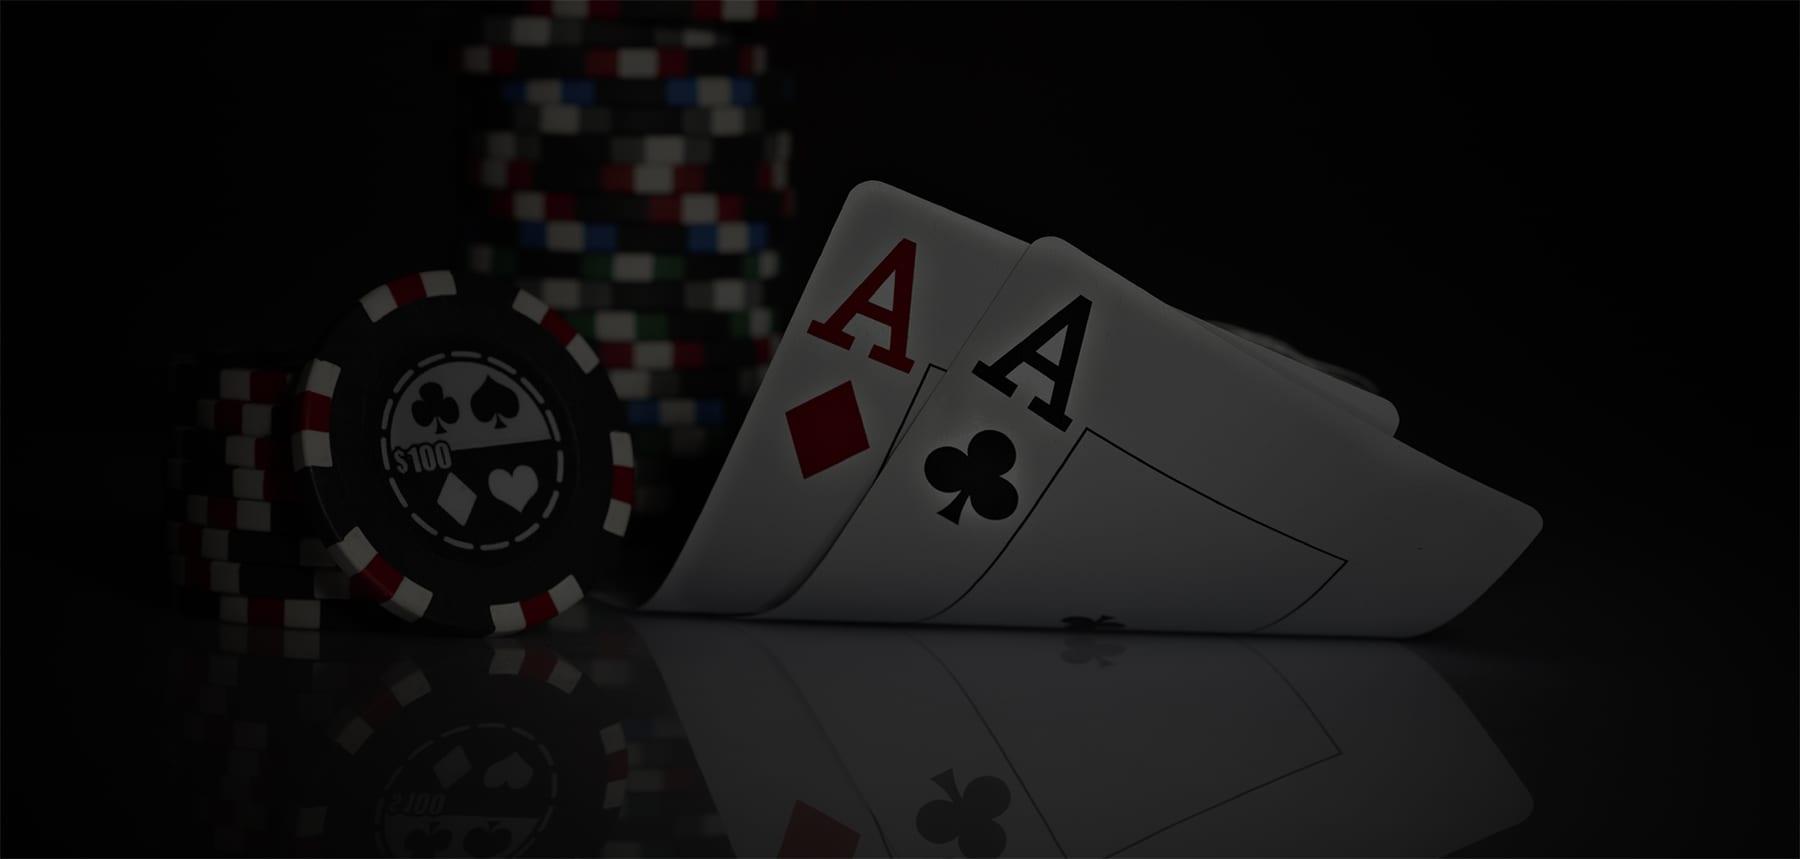 Mobile poker club 320x240